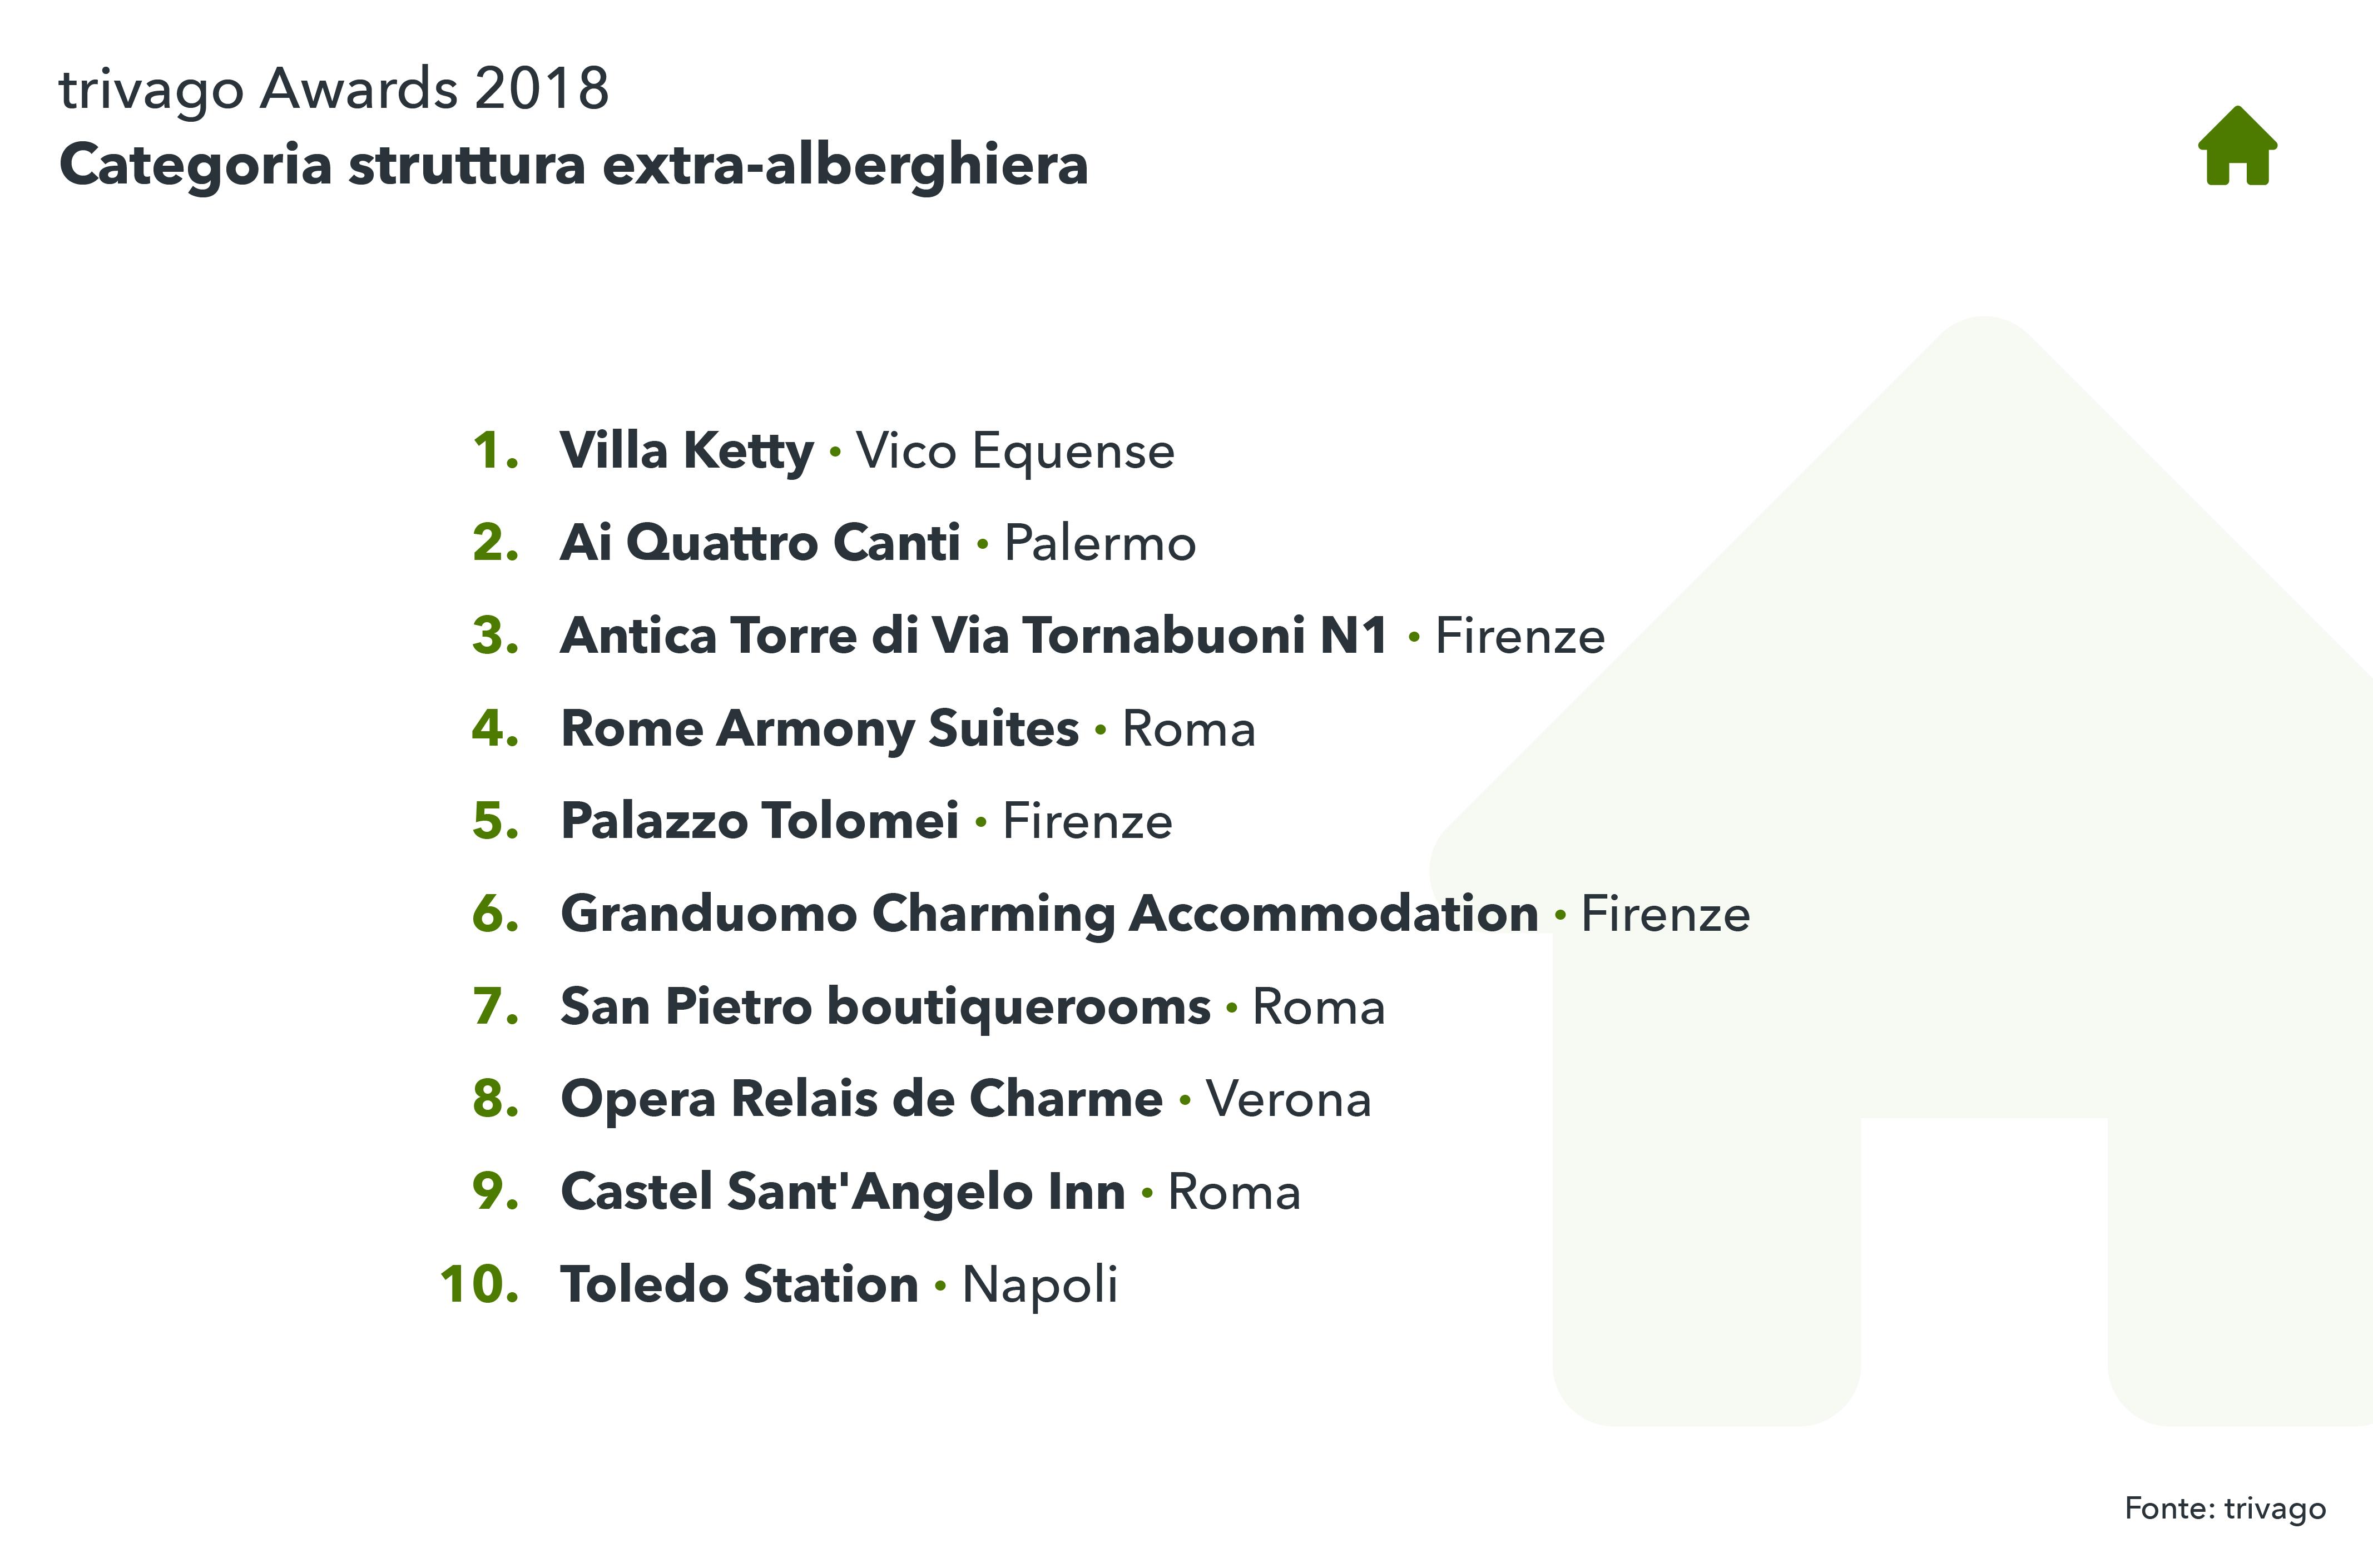 Vincitori italiani tra le strutture extra-alberghiere